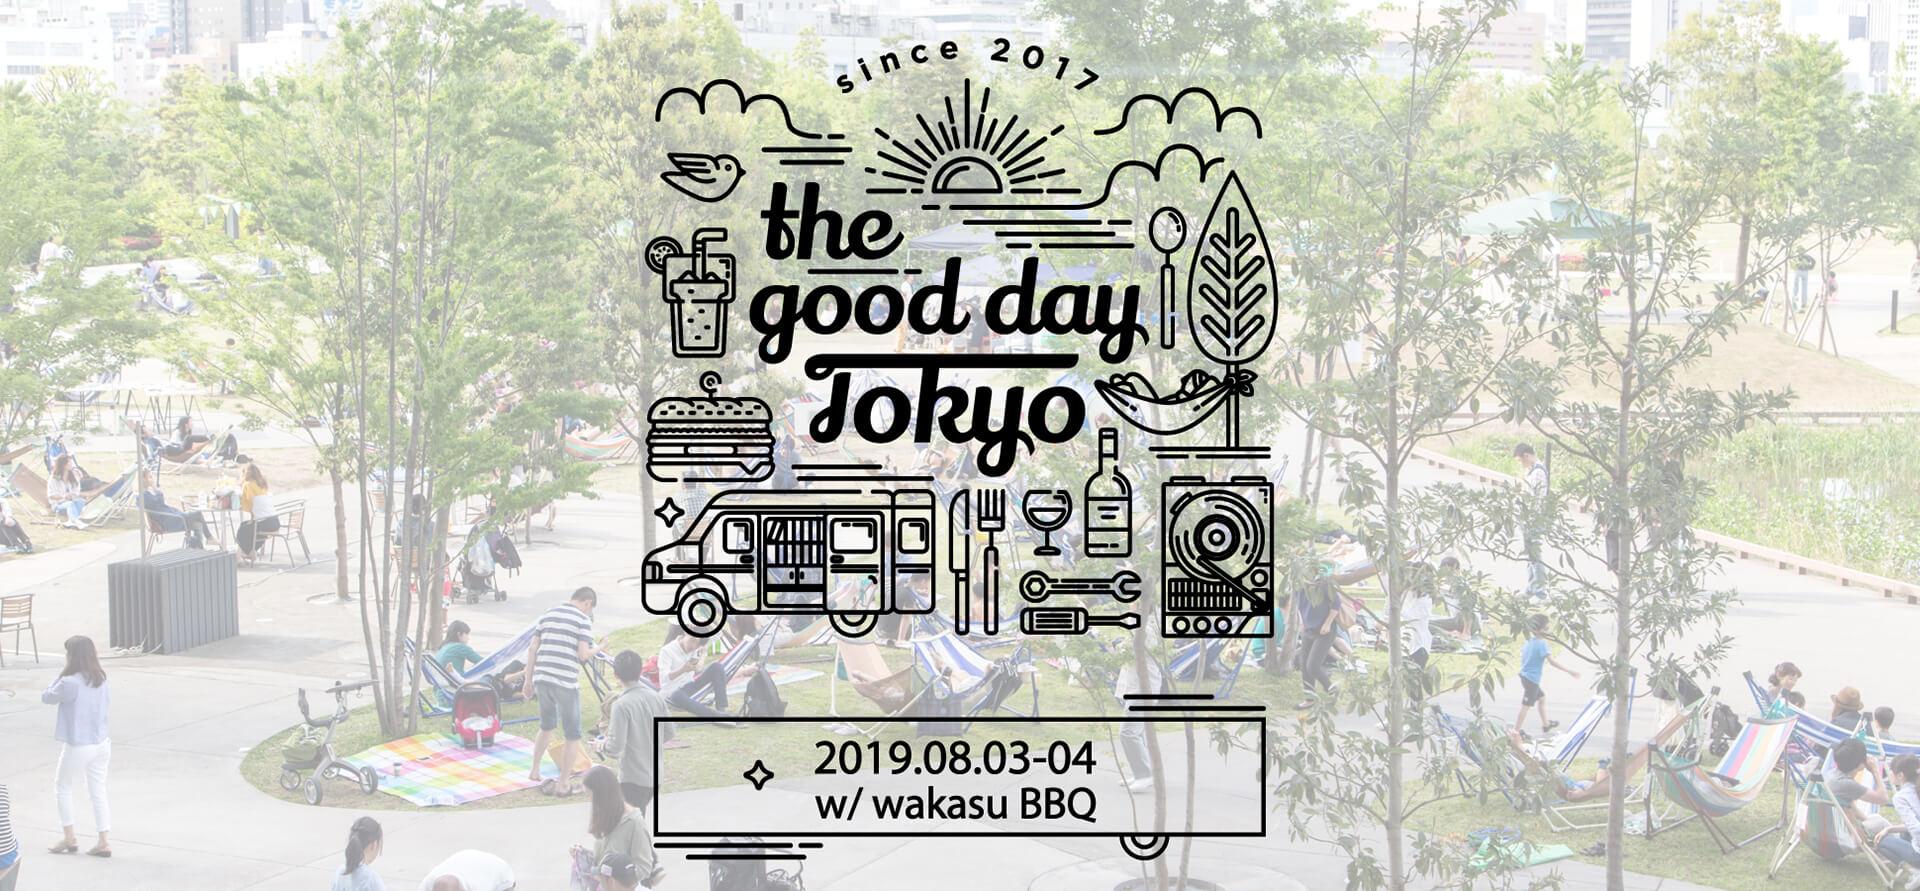 この写真はthe good day TOKYO w/ wakasu BBQ 2019の告知バーナーです